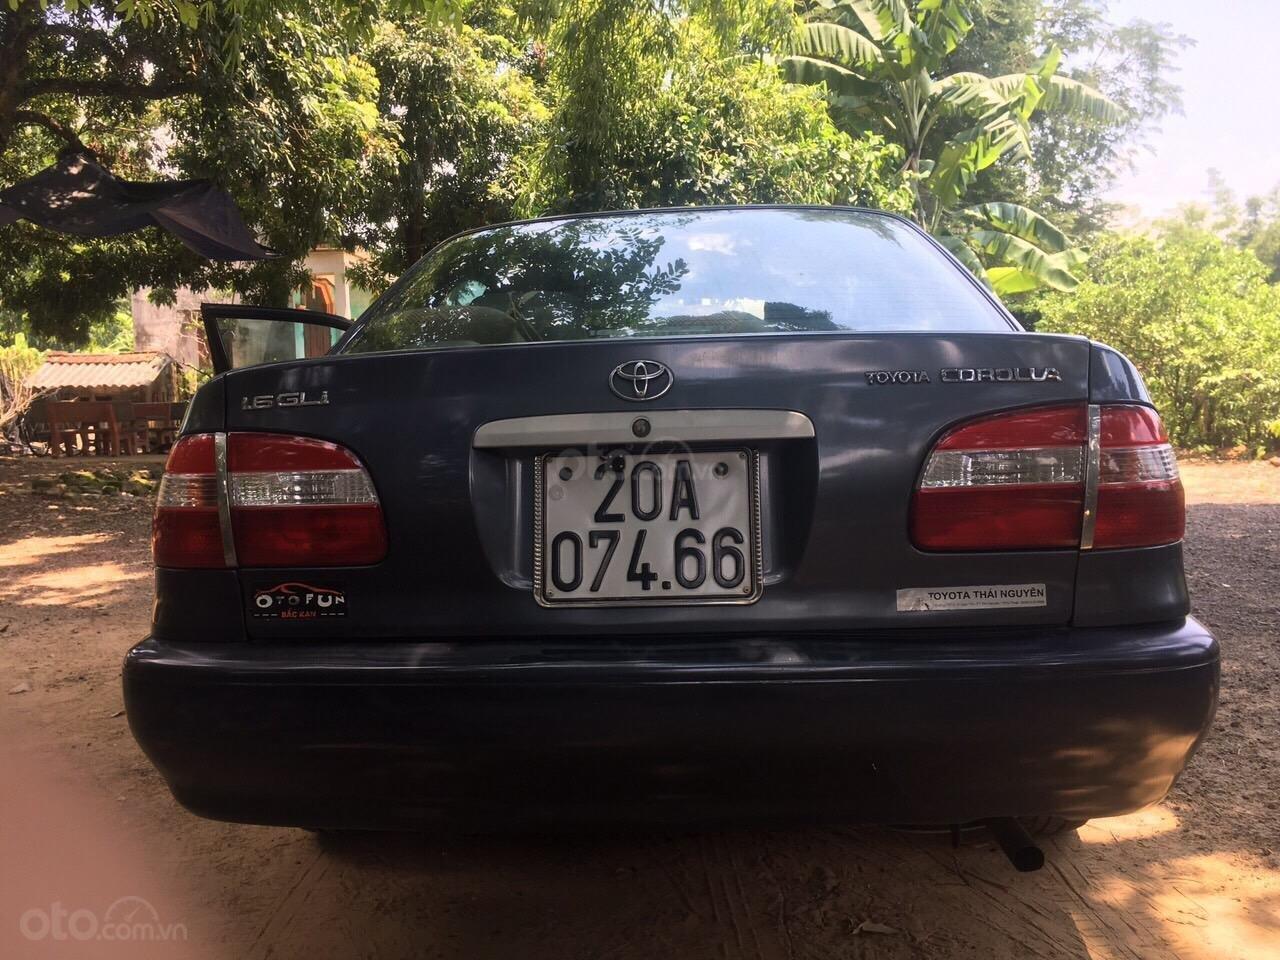 Bán Toyota Corolla năm sản xuất 1997 tại Quảng Ninh (7)